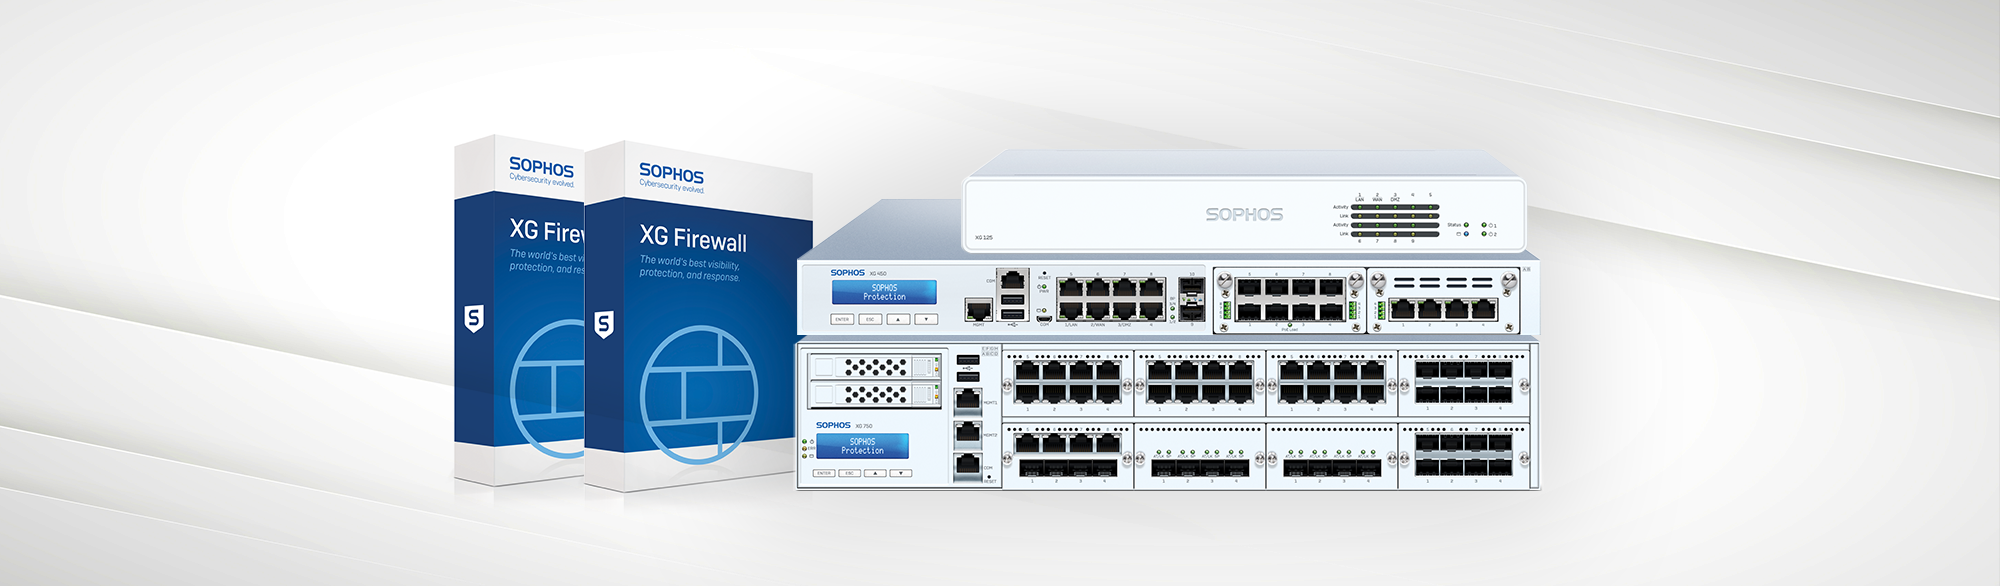 Sophos Hard- und Software Produkte